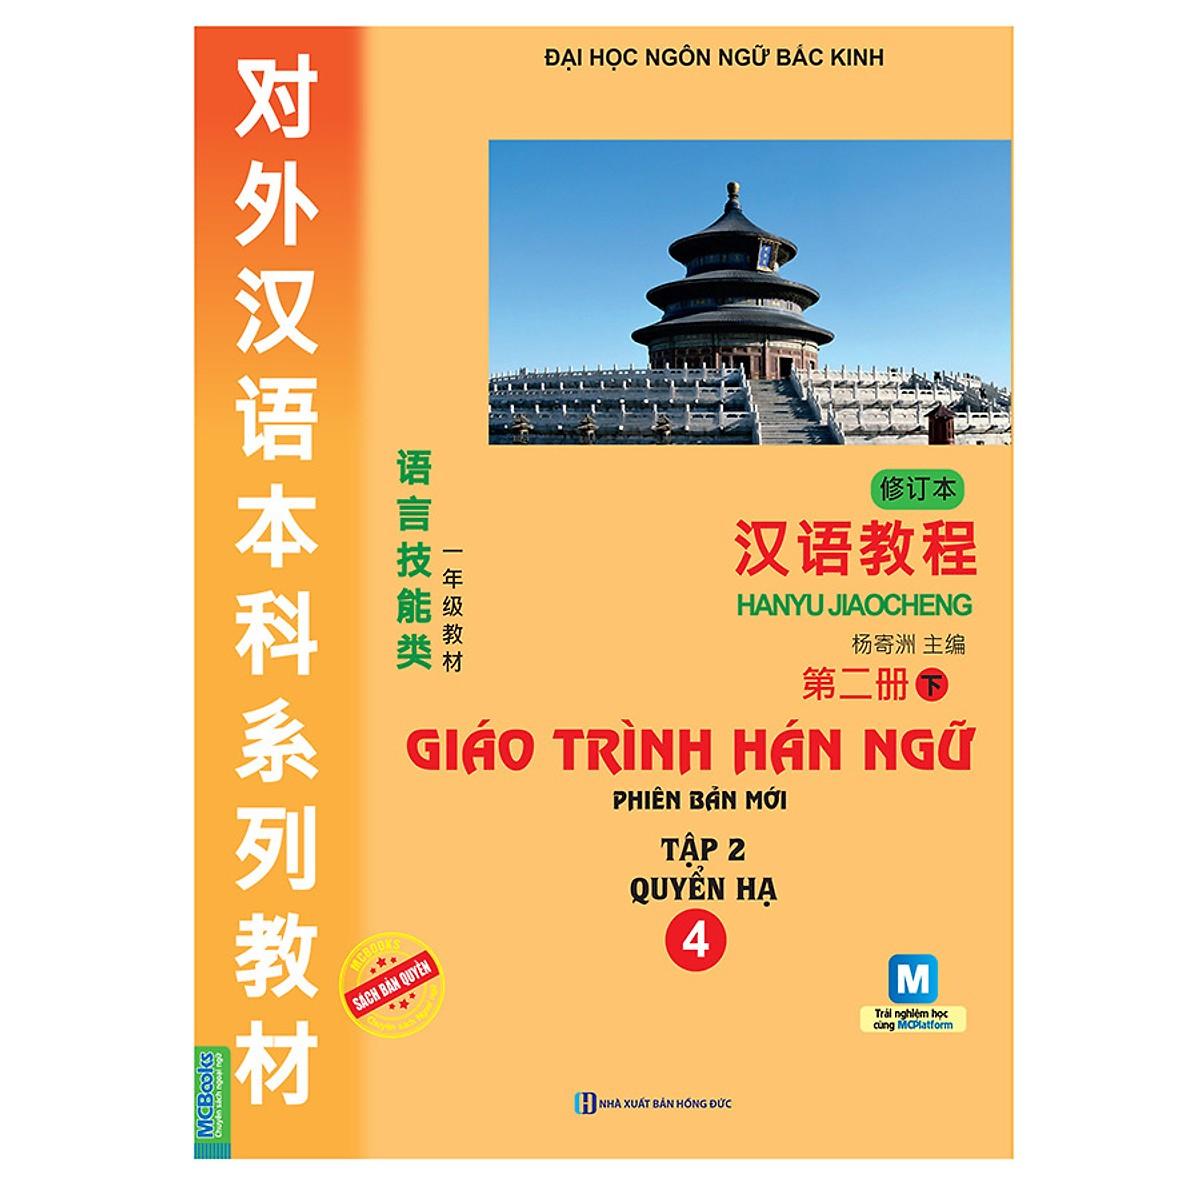 Giáo Trình Hán Ngữ 4 - Tập 2 Quyển Hạ (Phiên Bản Mới - Dùng App) (Tặng Kho Audio Books)